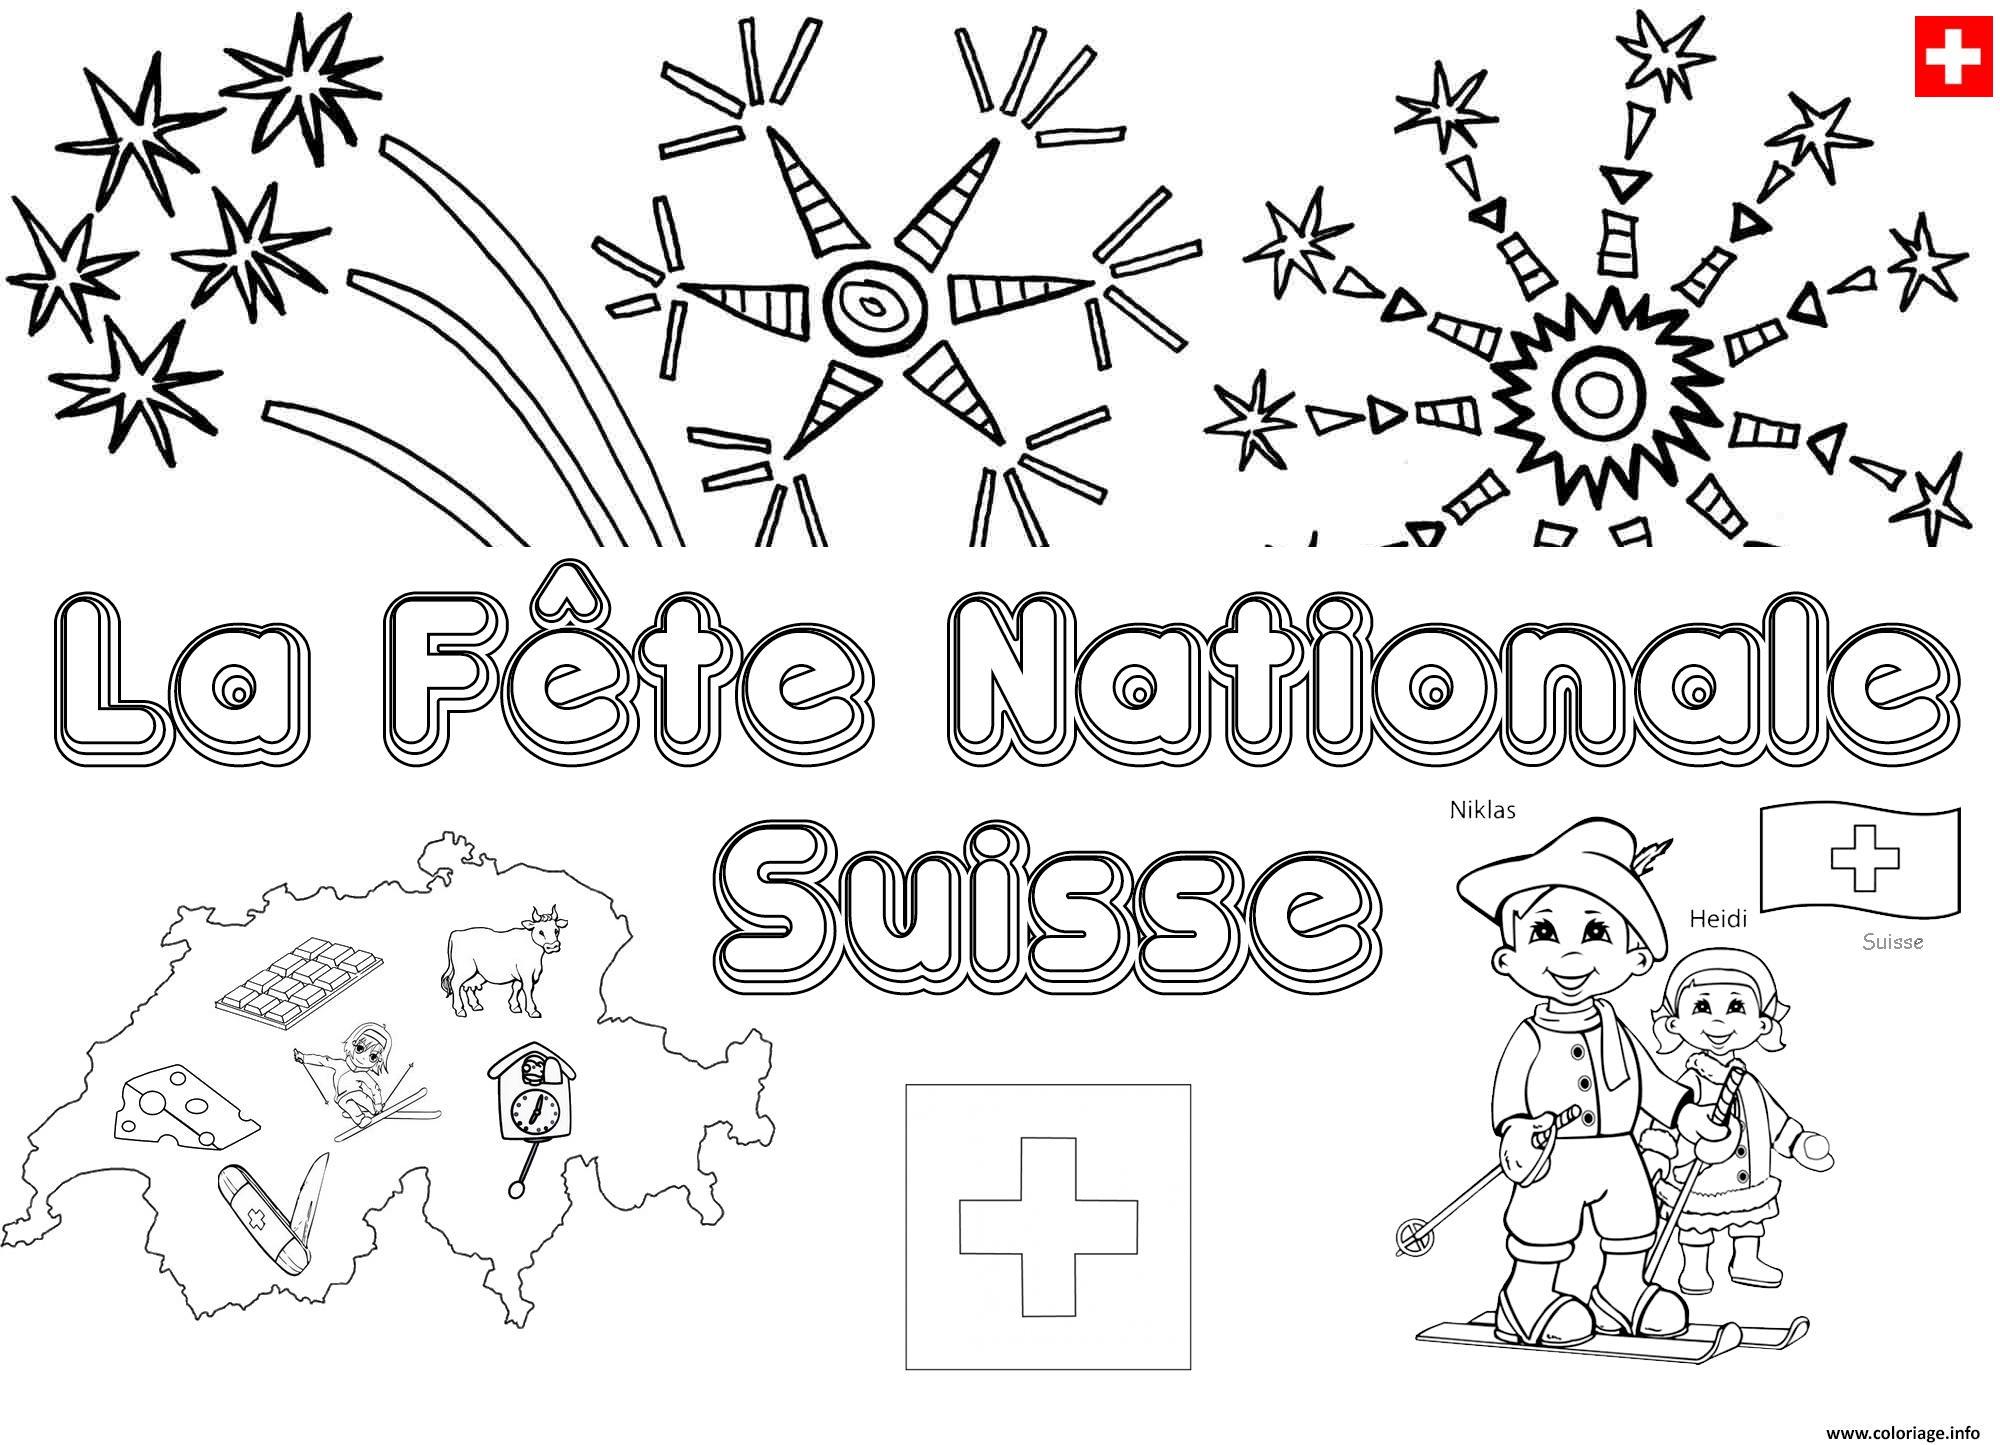 Coloriage Fete Nationale Suisse 1 Aout Jecoloriecom